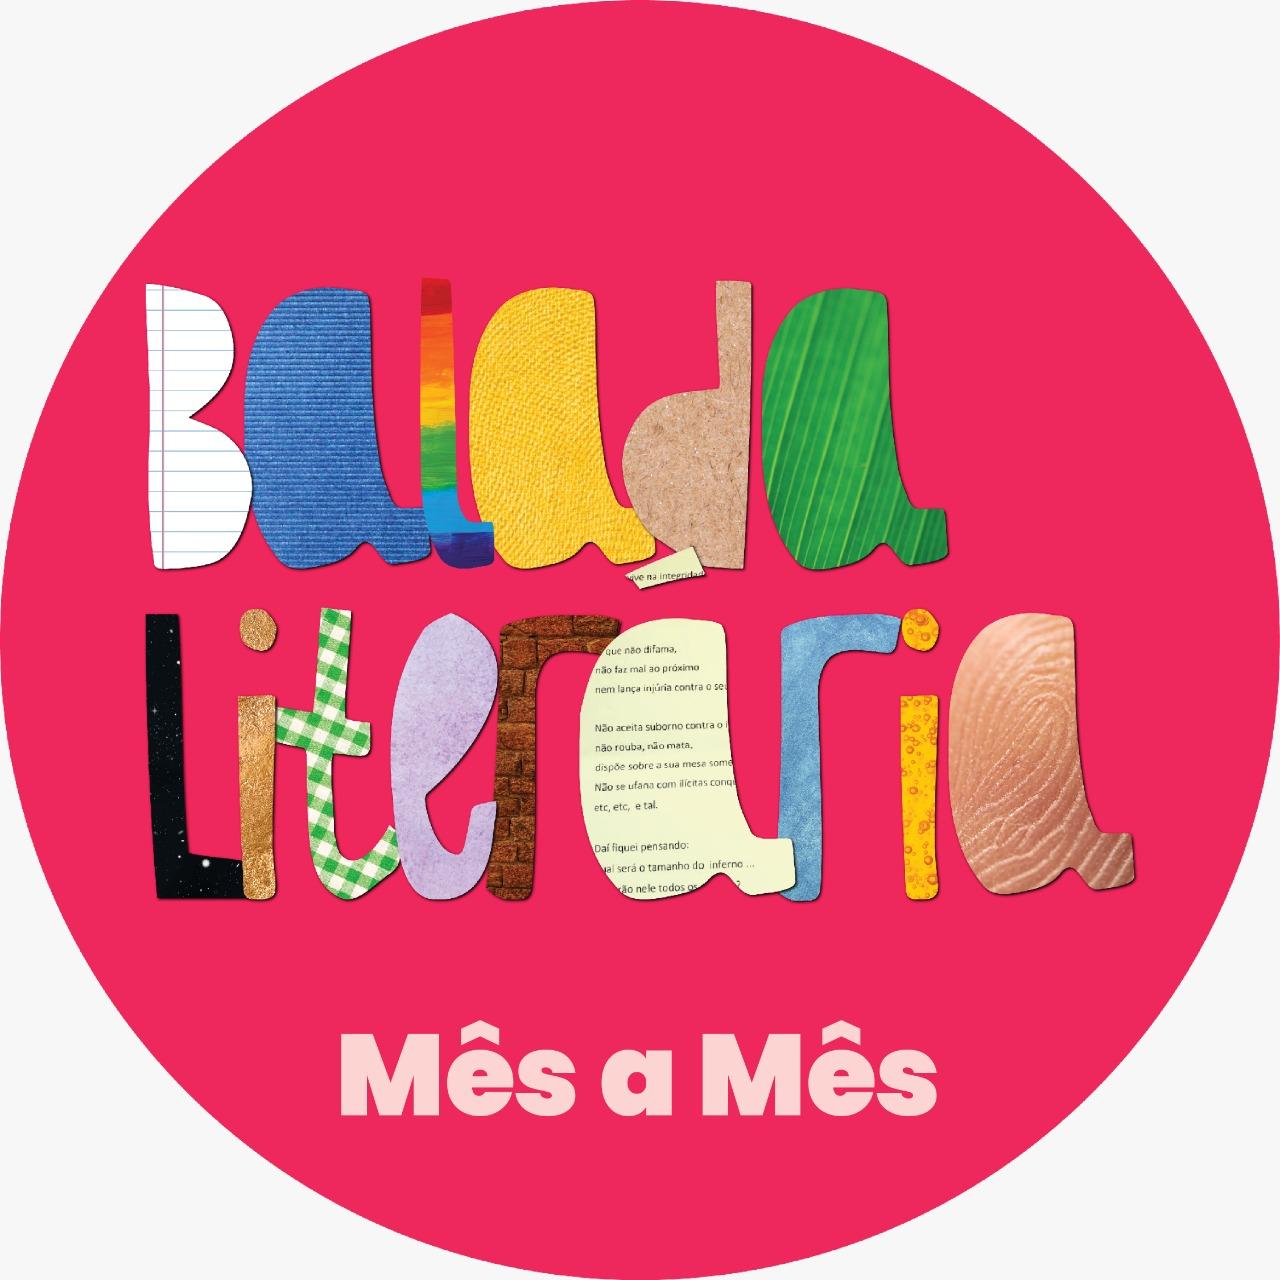 Balada Literária Mês a Mês começa dia 30 de janeiro de 2021